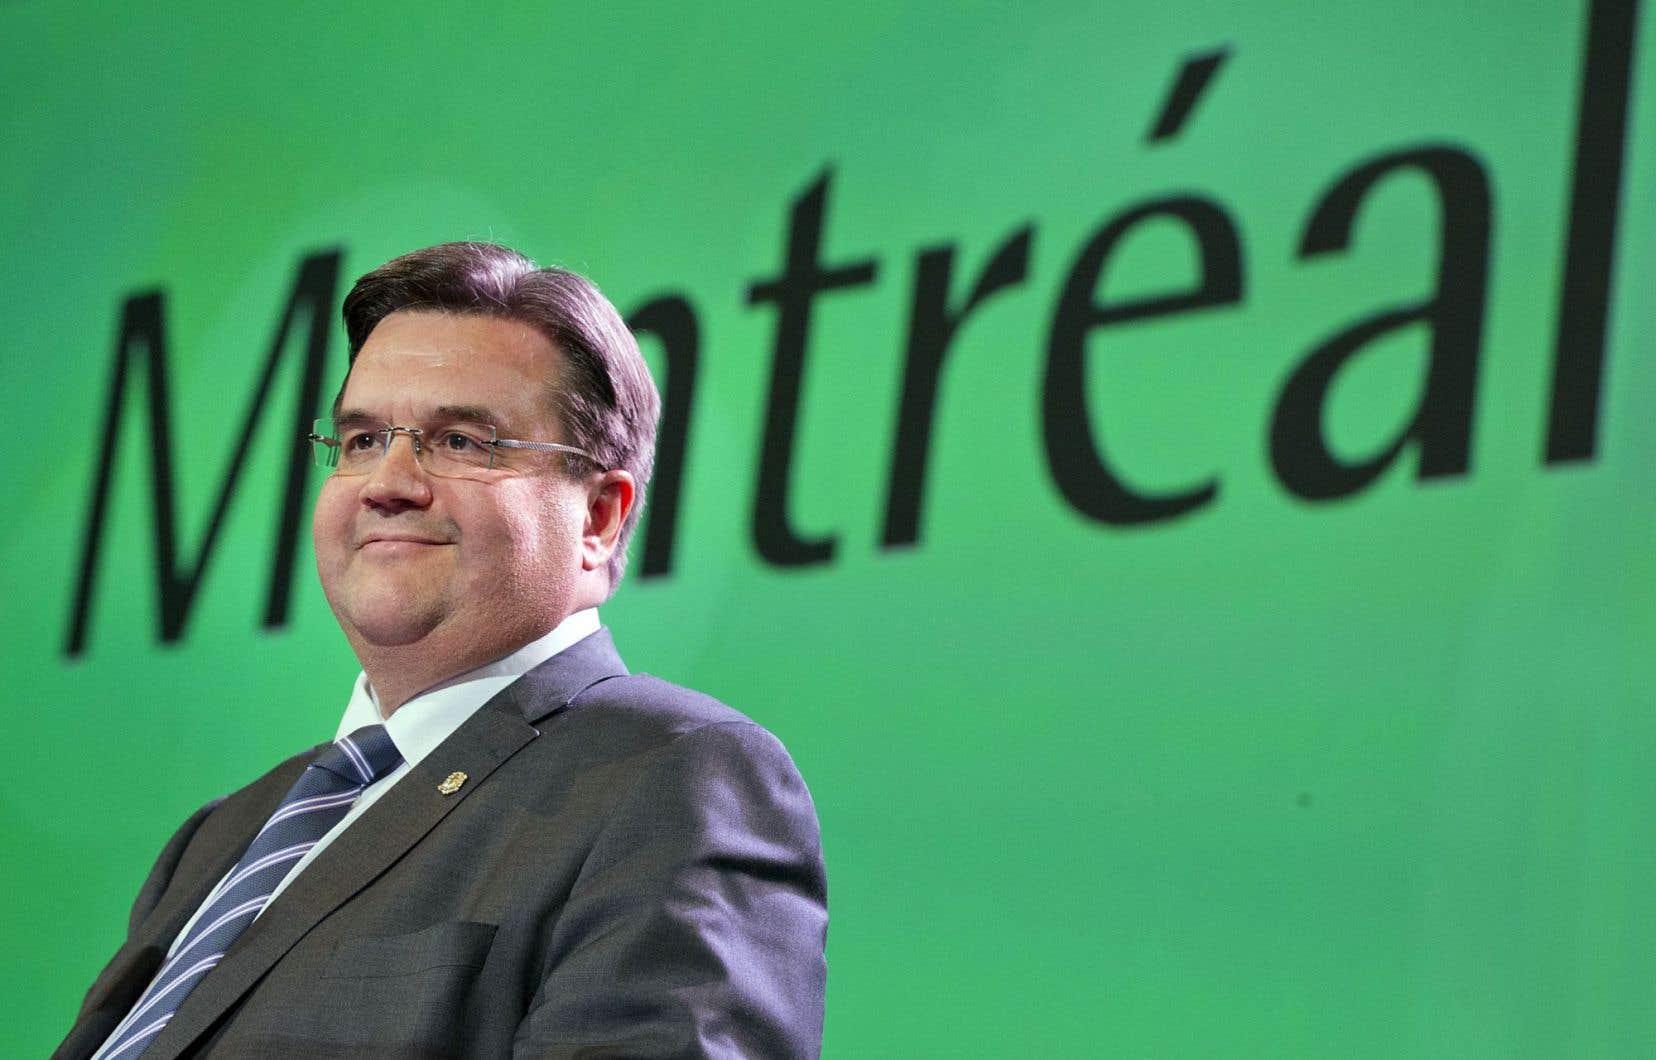 Le maire de Montréal, Denis Coderre, a toujours la cote.